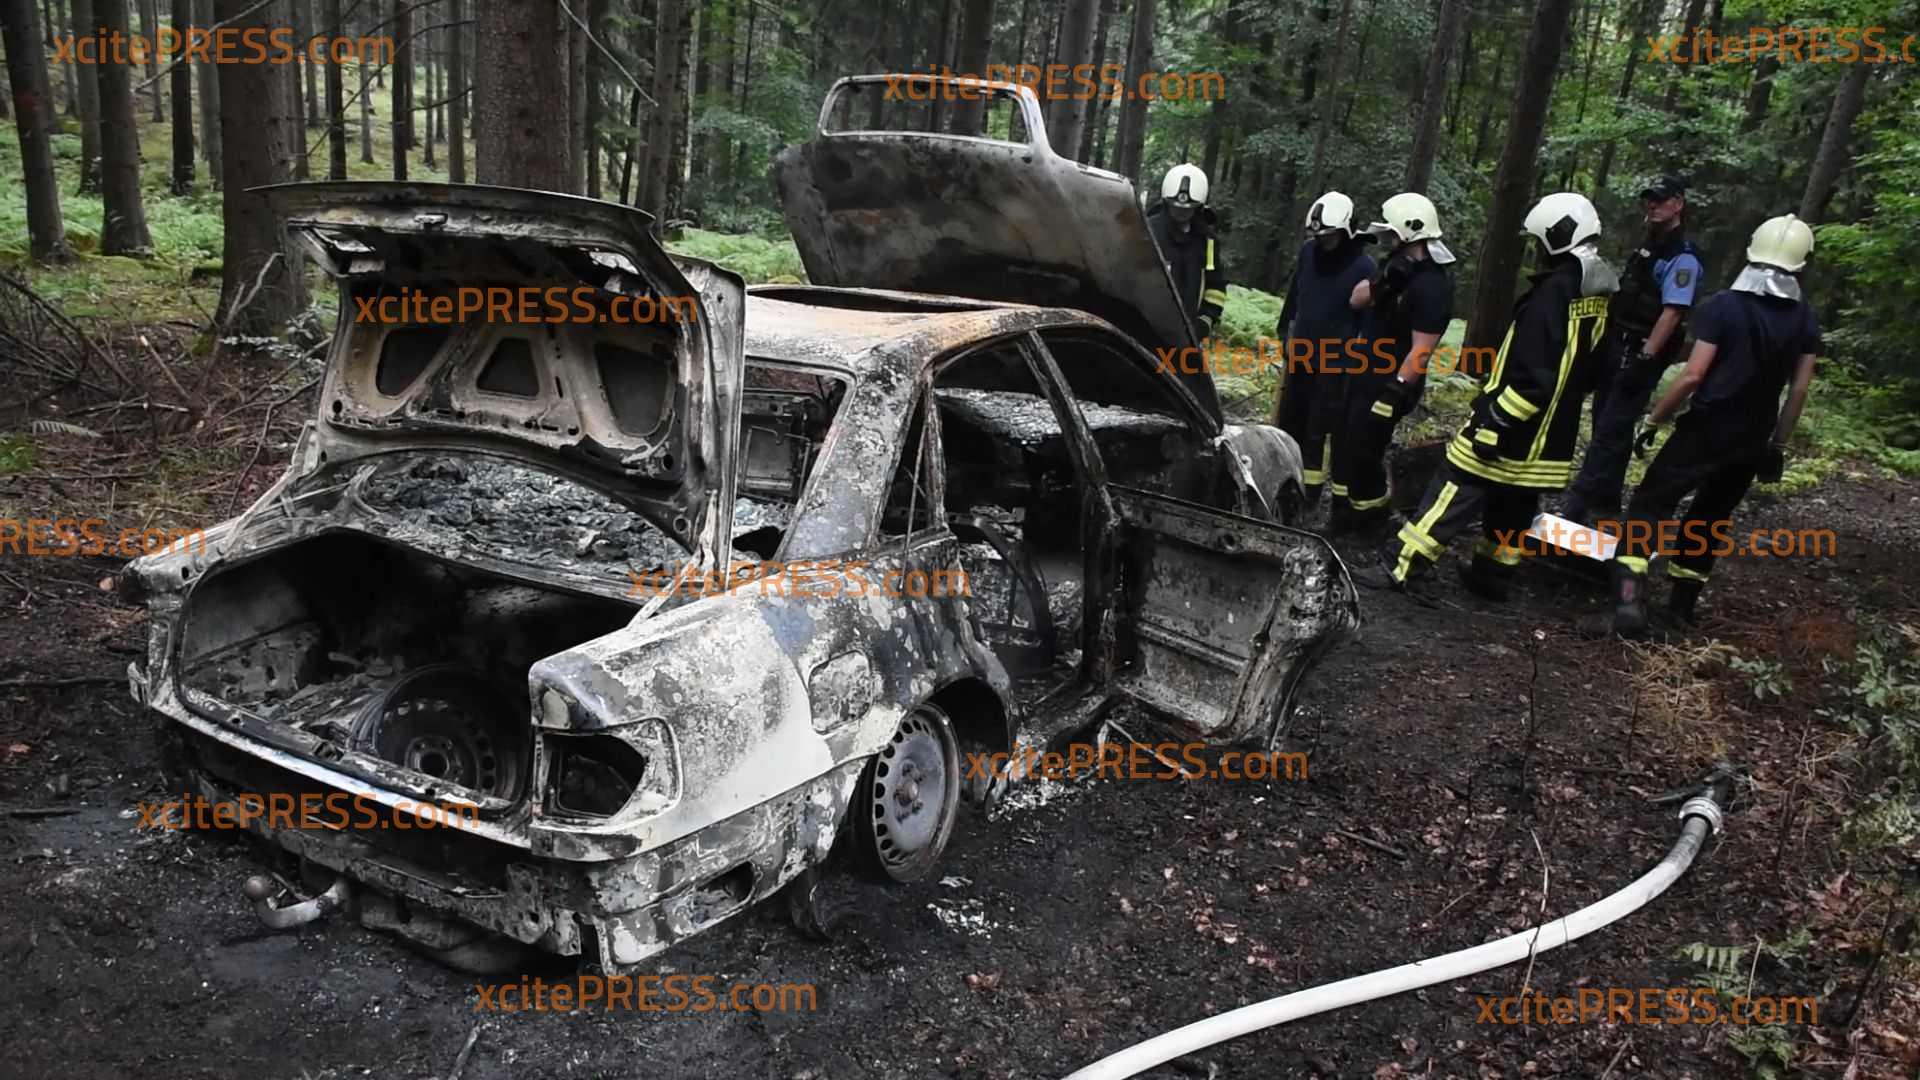 PKW im Wald nach Klau abgefackelt?! - Wrack muss mit schwerem Gerät geborgen werden: Kripo ermittelt